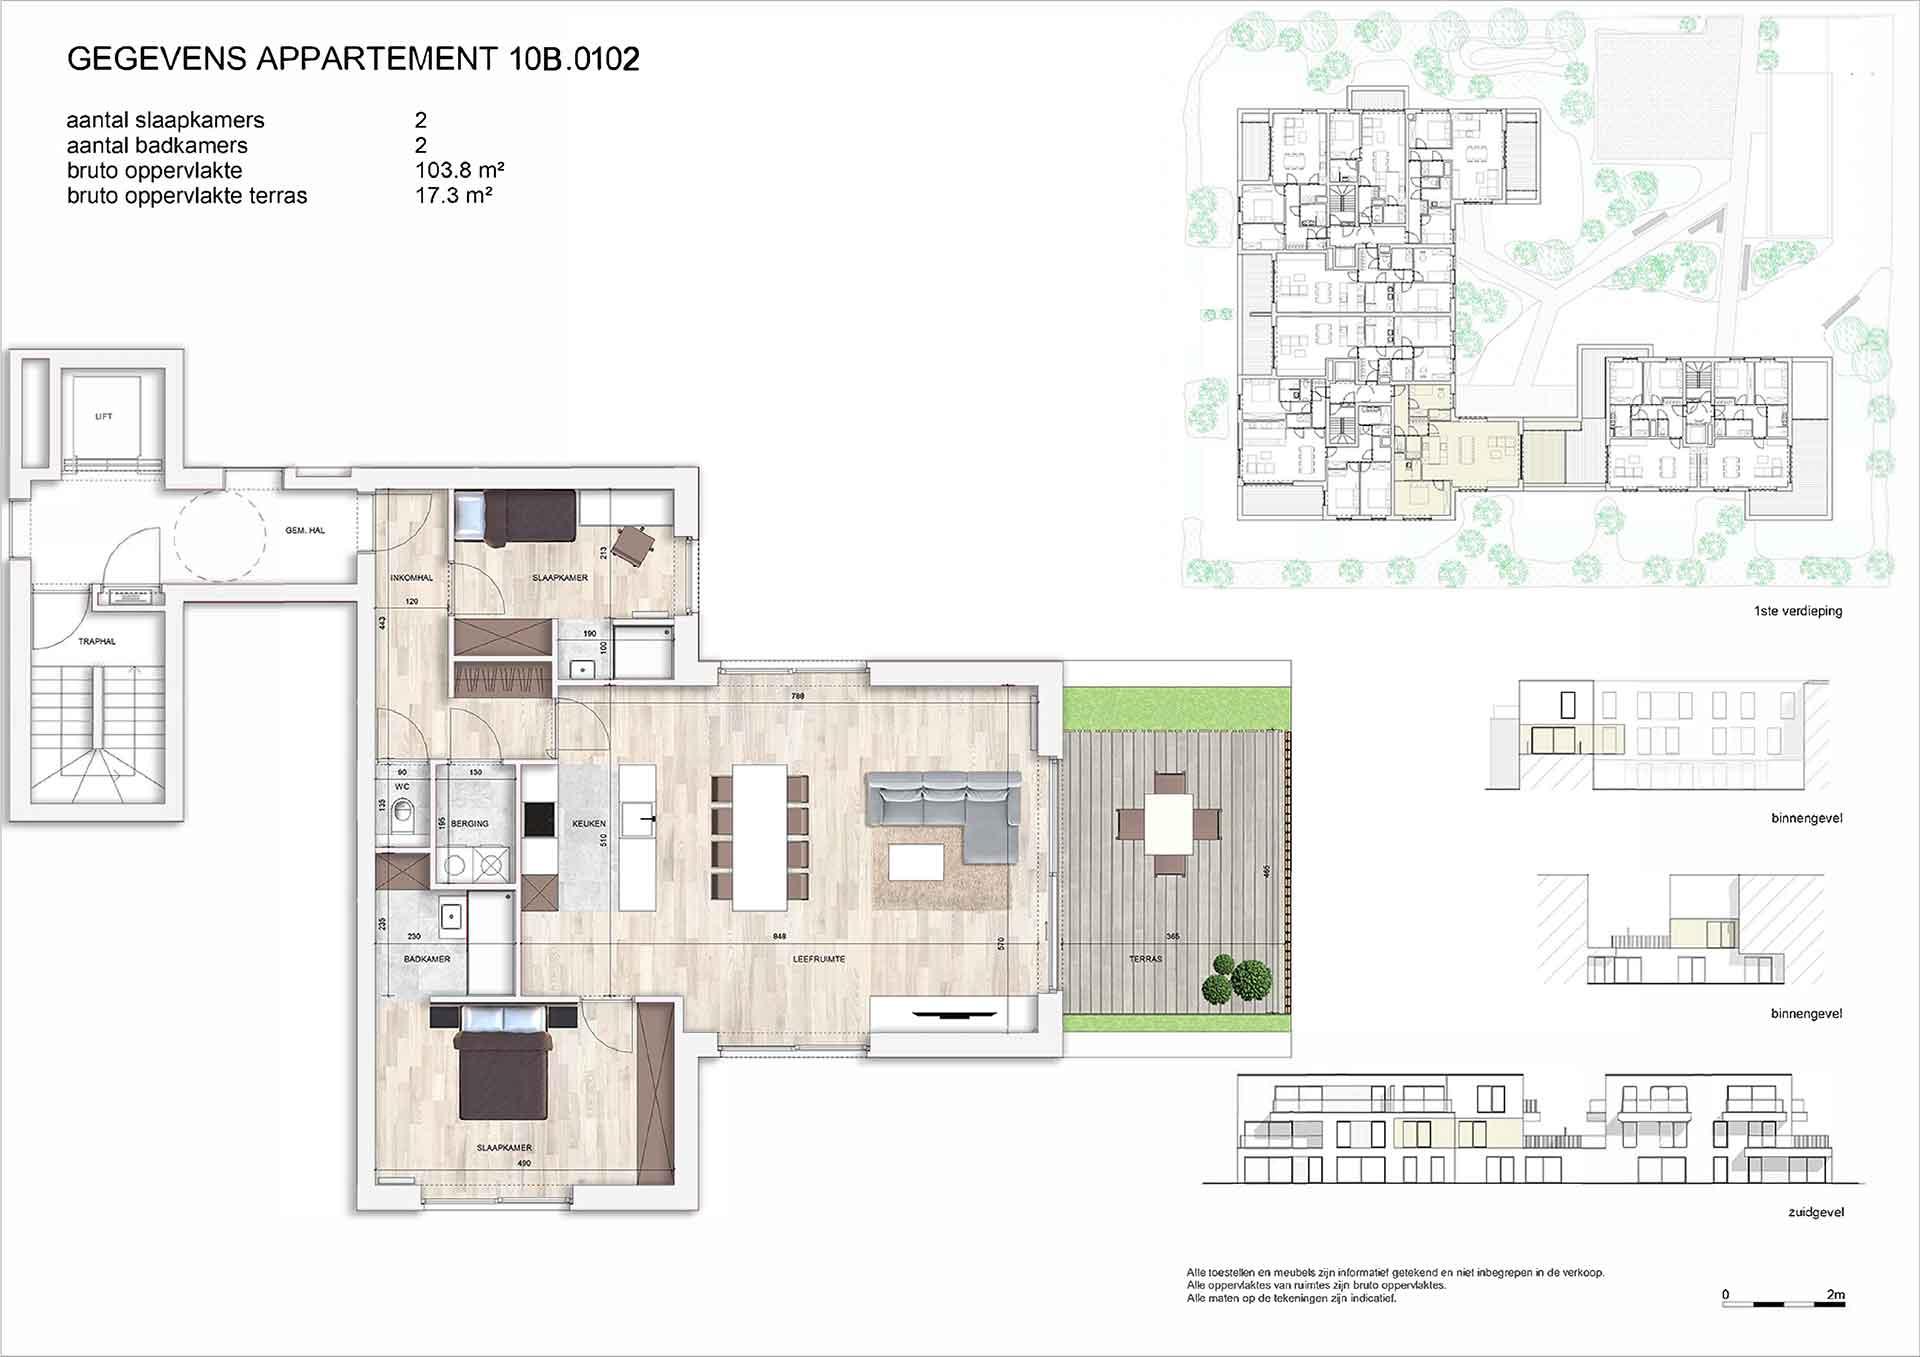 Villa<br/> Duchamp - image appartement-te-koop-nieuwpoort-villa-duchamp-10B0102 on https://hoprom.be